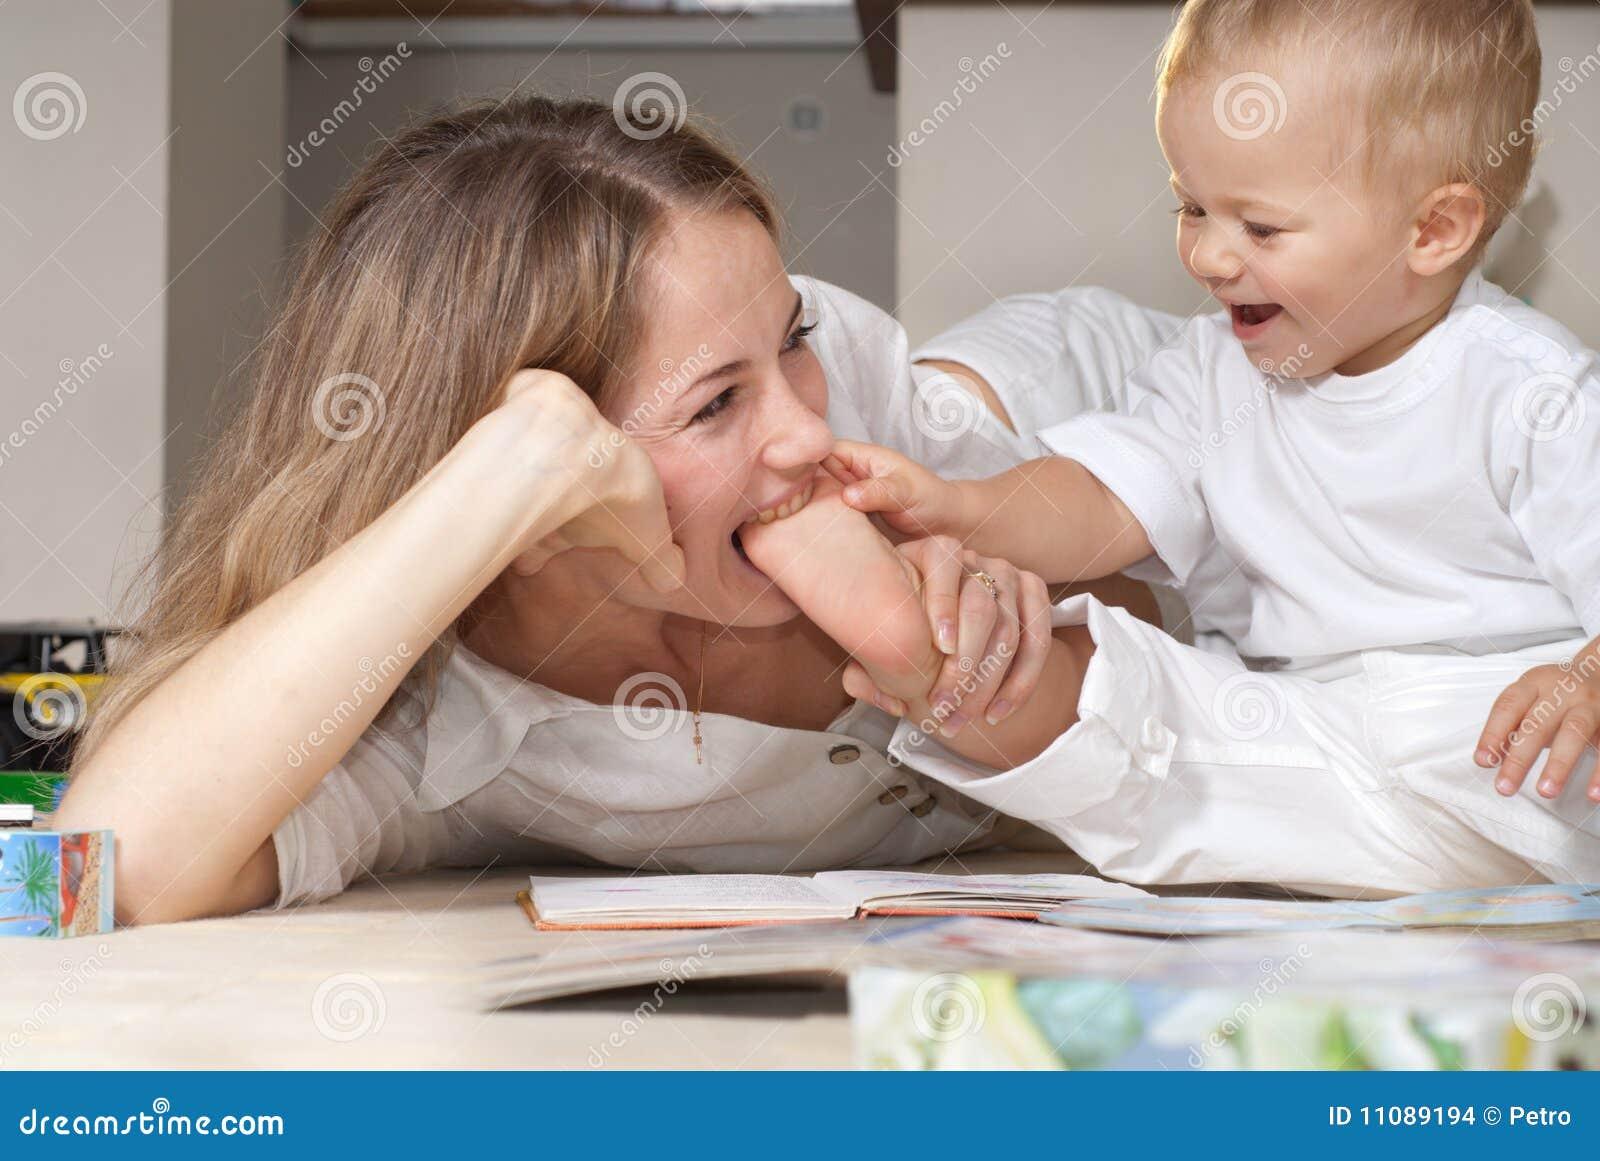 Фото дочка лижит матери, Подросток лижет письку мамочке и трахает 22 фотография